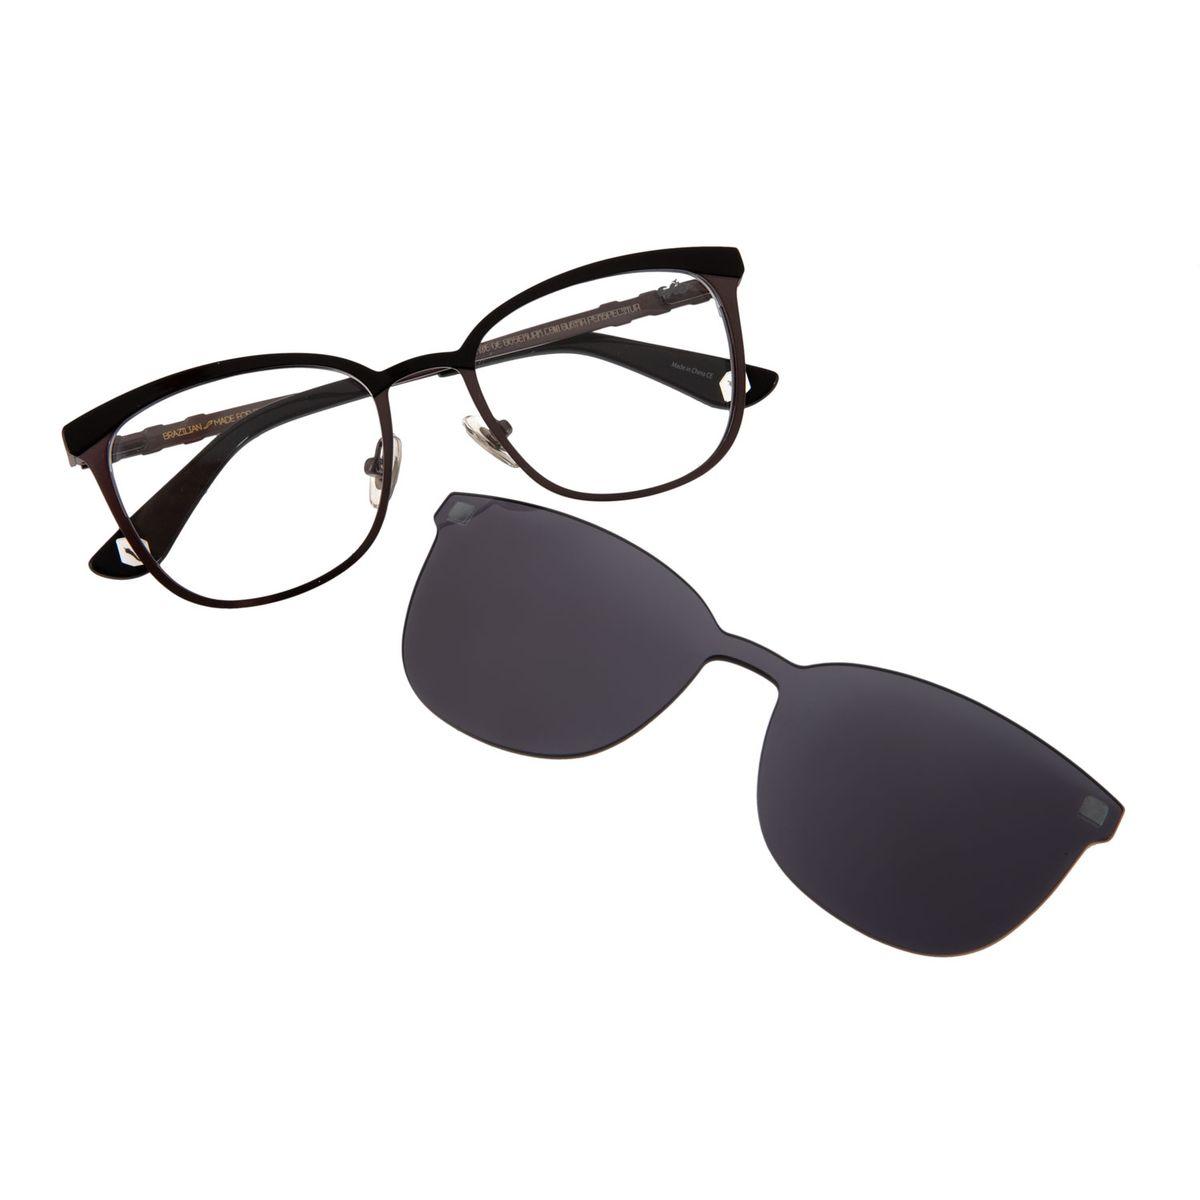 6f57754e7 Armação para Óculos de Grau Chilli Beans Multi Feminino Arte de Rua ...